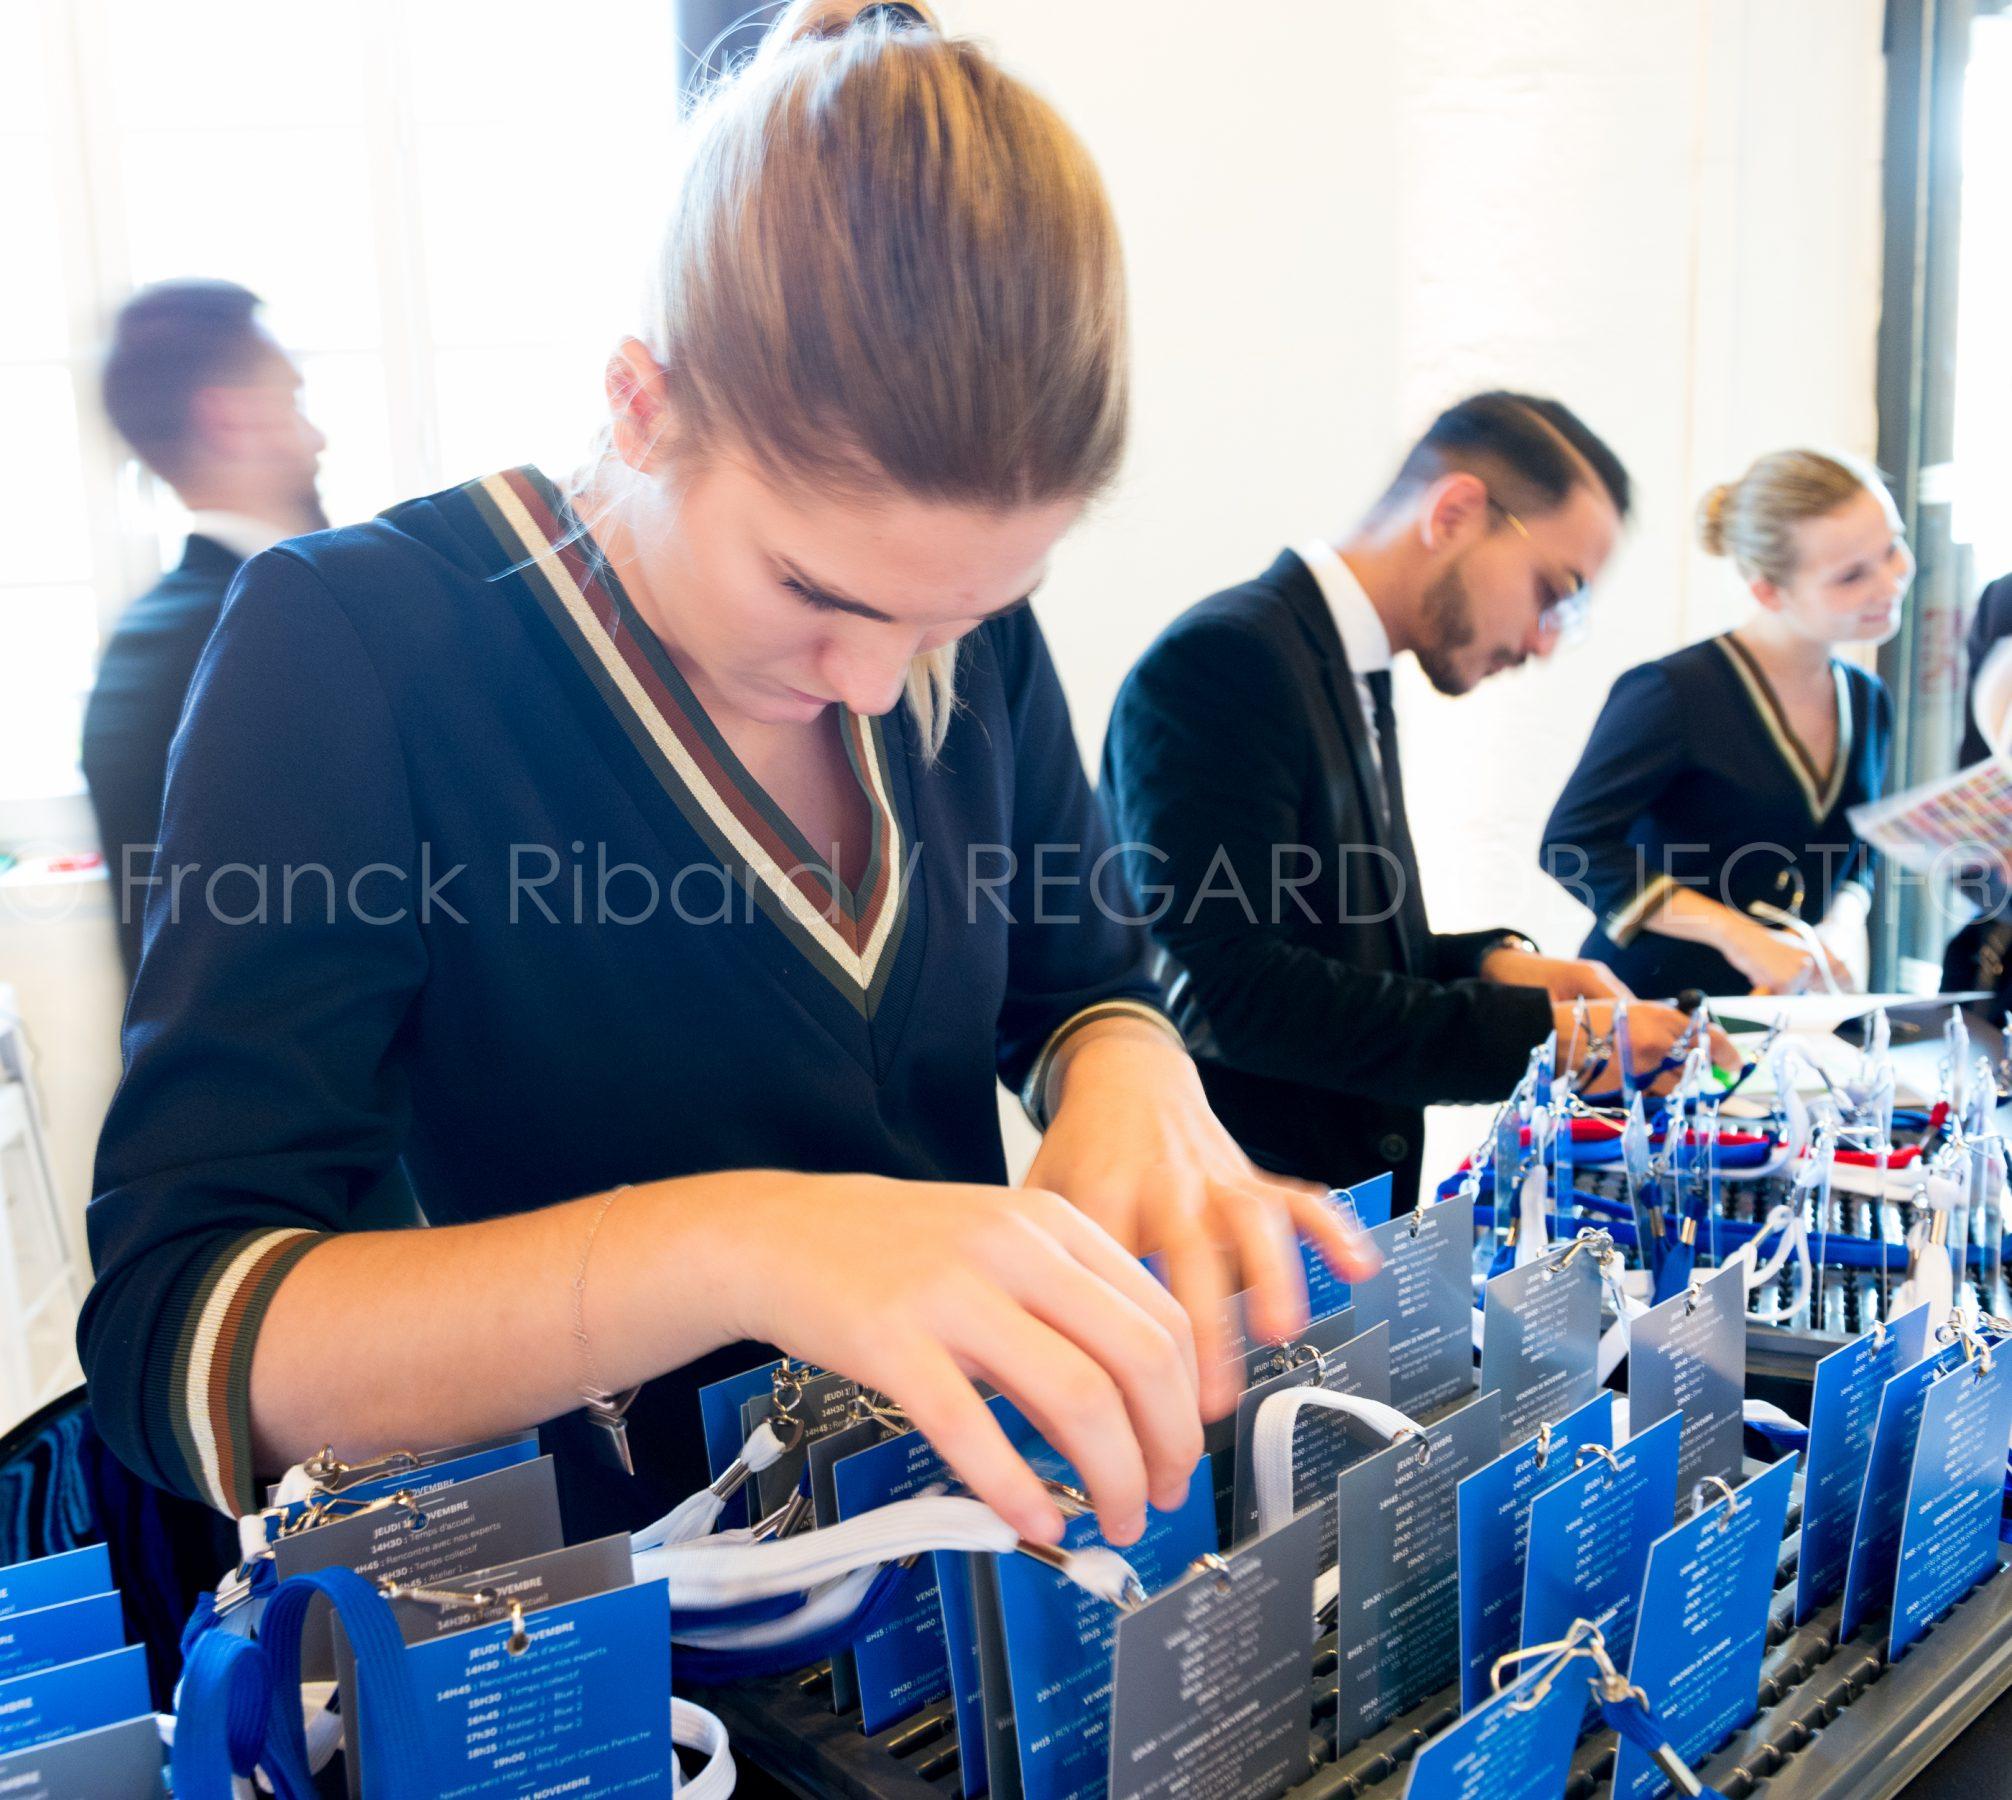 Photographie de Franck Ribard / REGARD OBJECTIF photographe professionnel en communication et événementiel à lyon